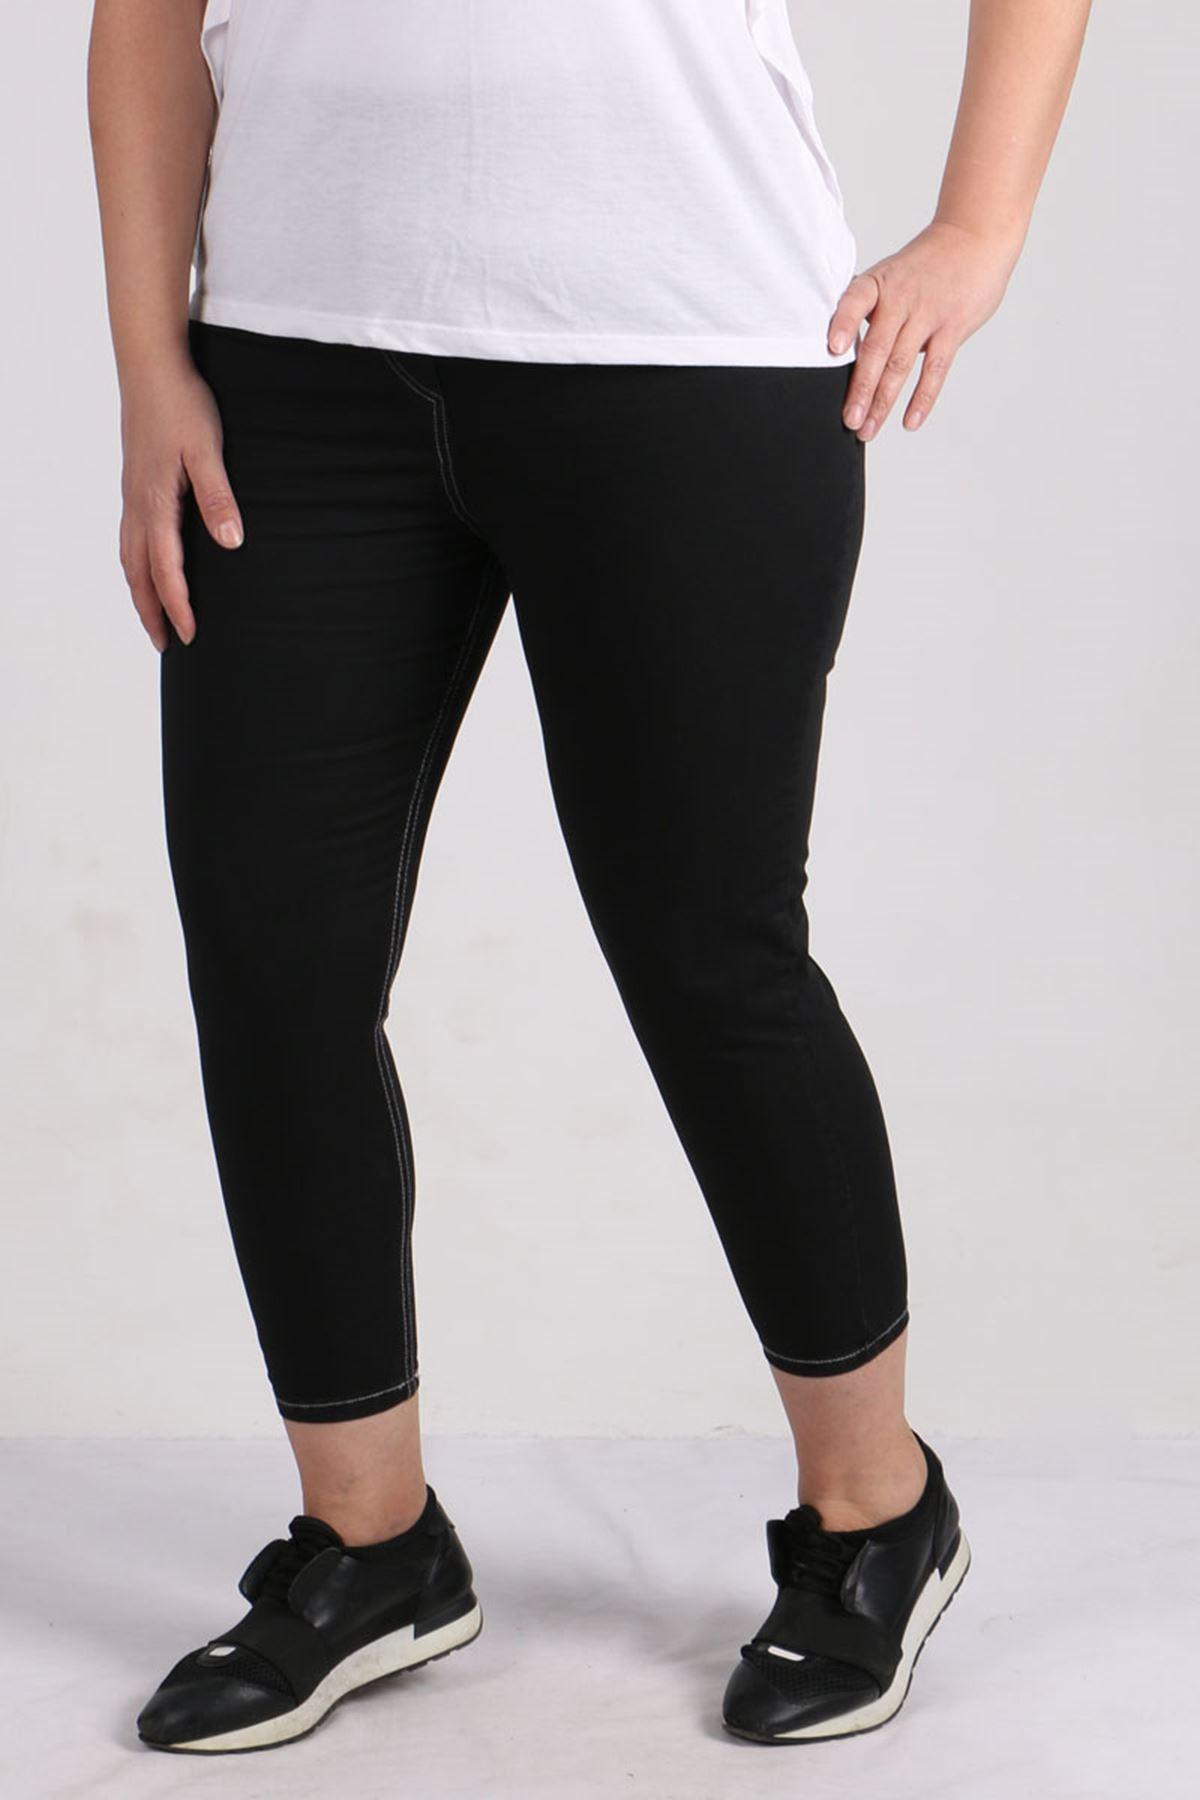 9122-1 Büyük Beden Beli Lastikli Dar Paça Gabardin Pantolon - Siyah